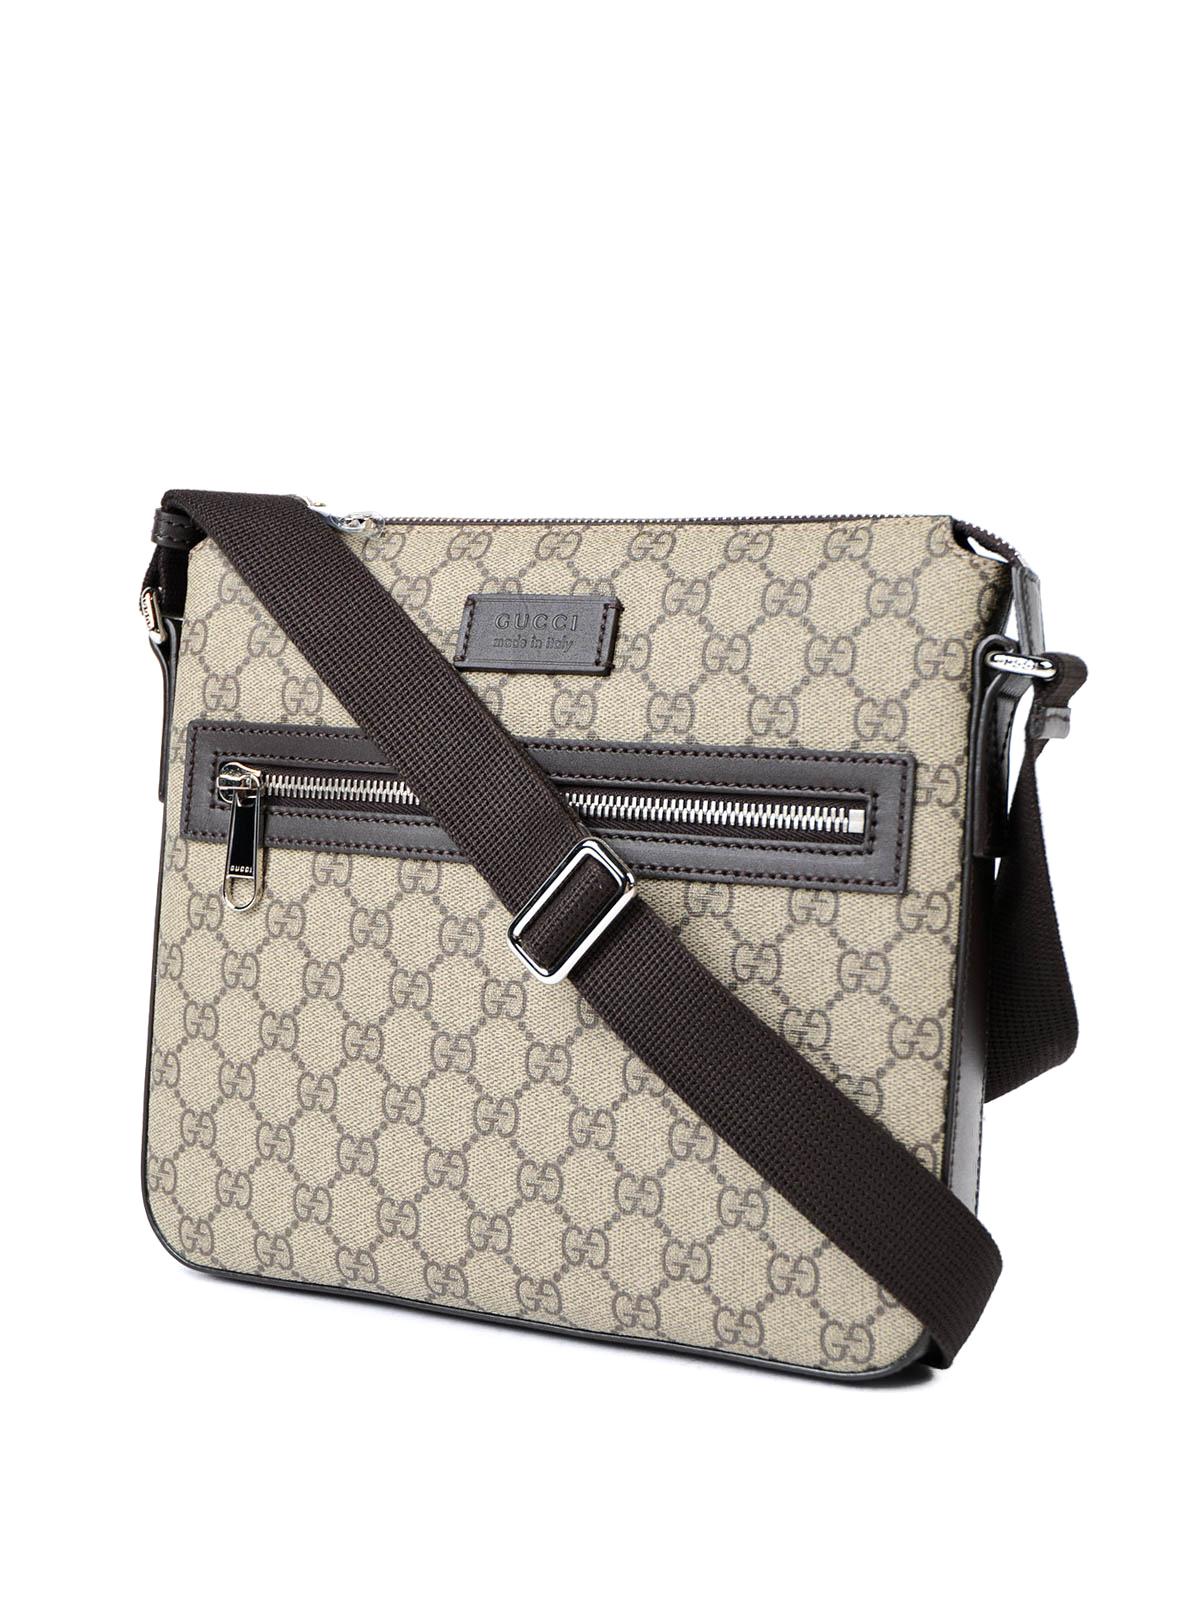 Gucci - Bolsa De Hombro - Gg Supreme - Bolsos de hombro - 406410 ... e7182df9c5a